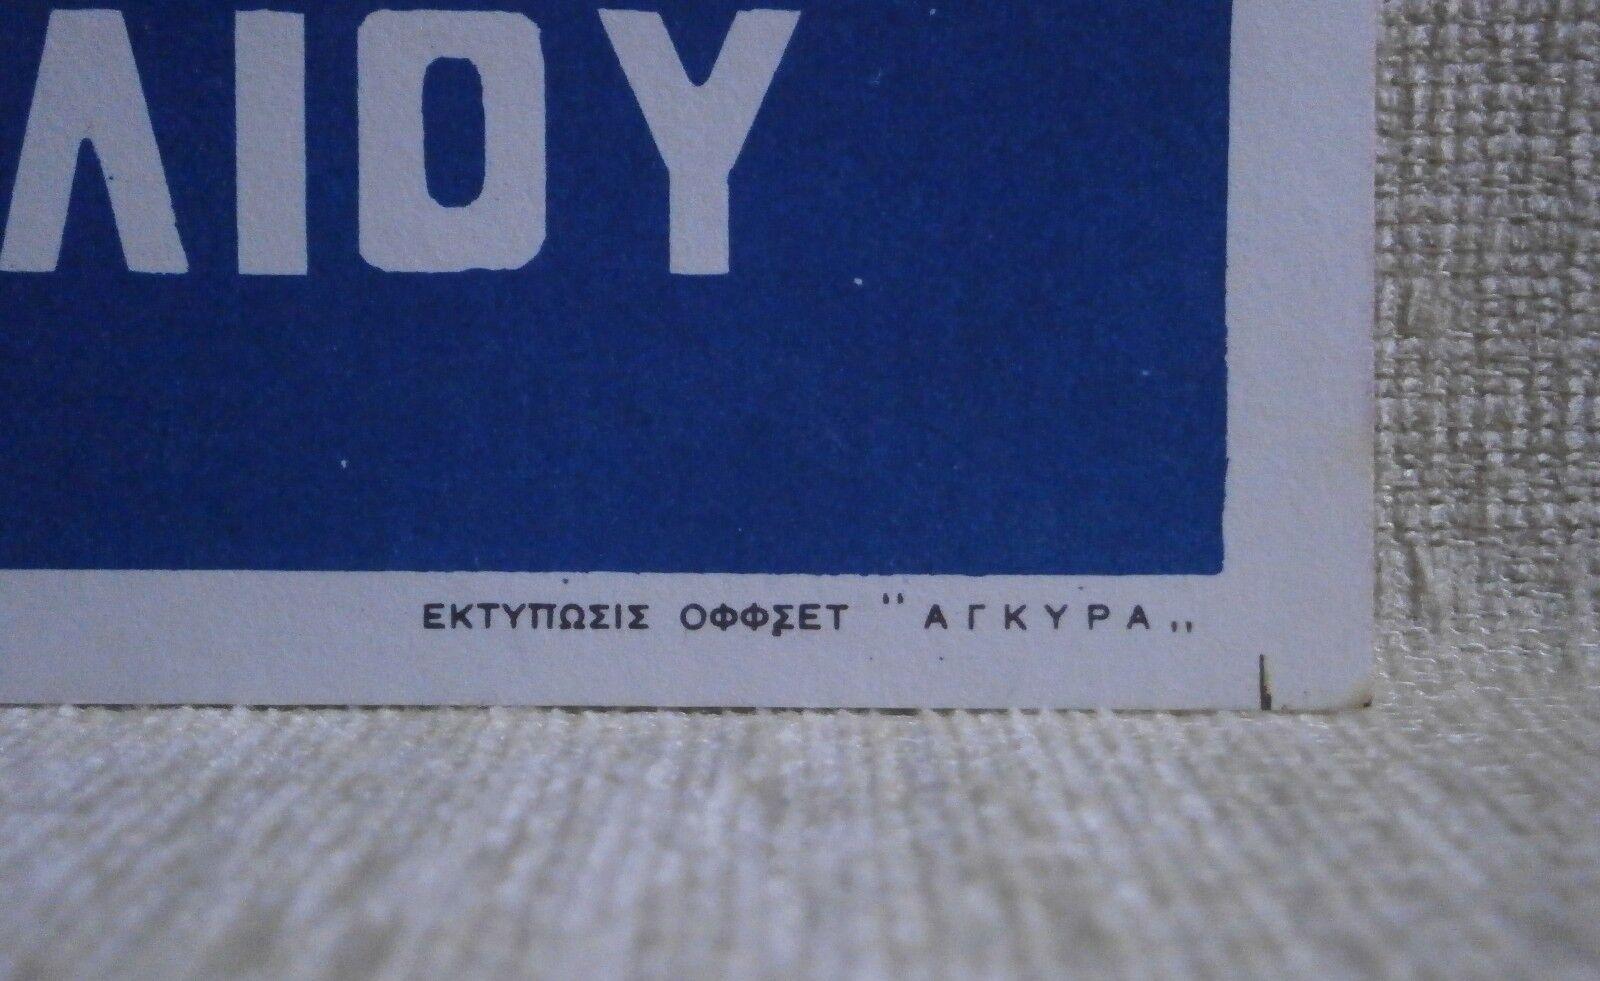 GREECE DICTATORSHIP PAPADOPOULOS ARMY PHOENIX ORIGINAL SMALL FLYER